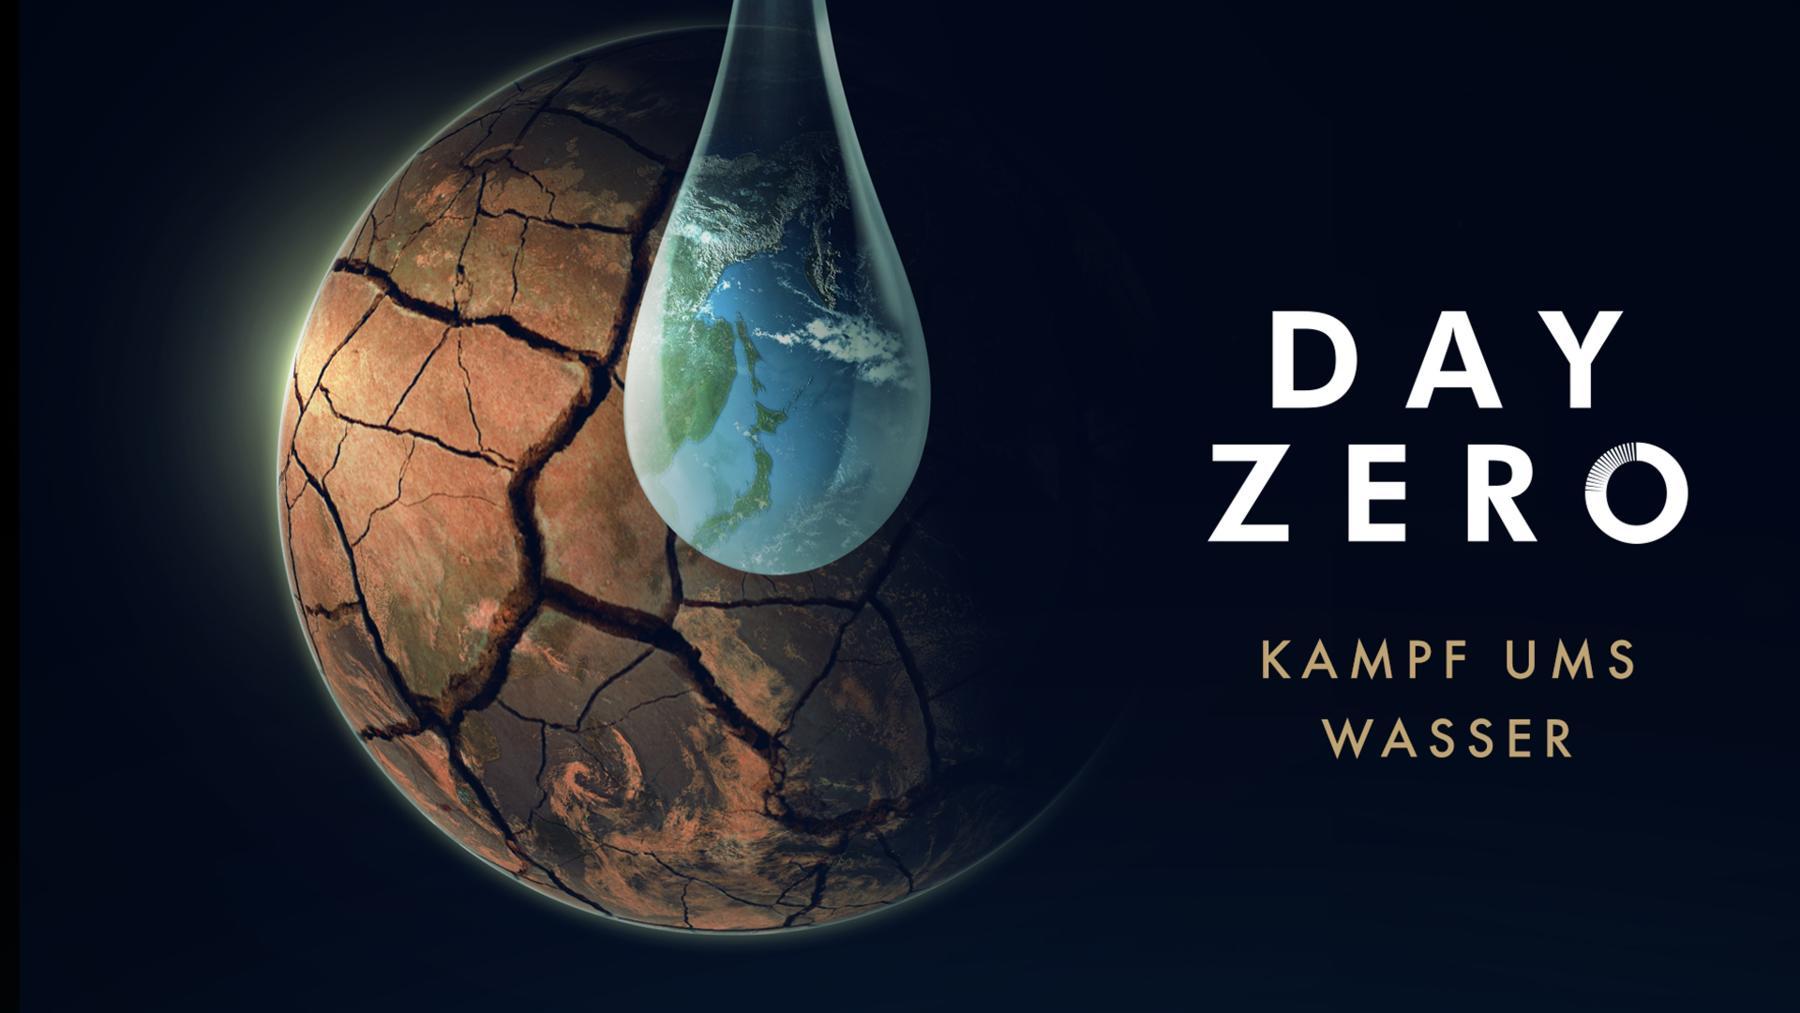 Day Zero - Kampf ums Wasser